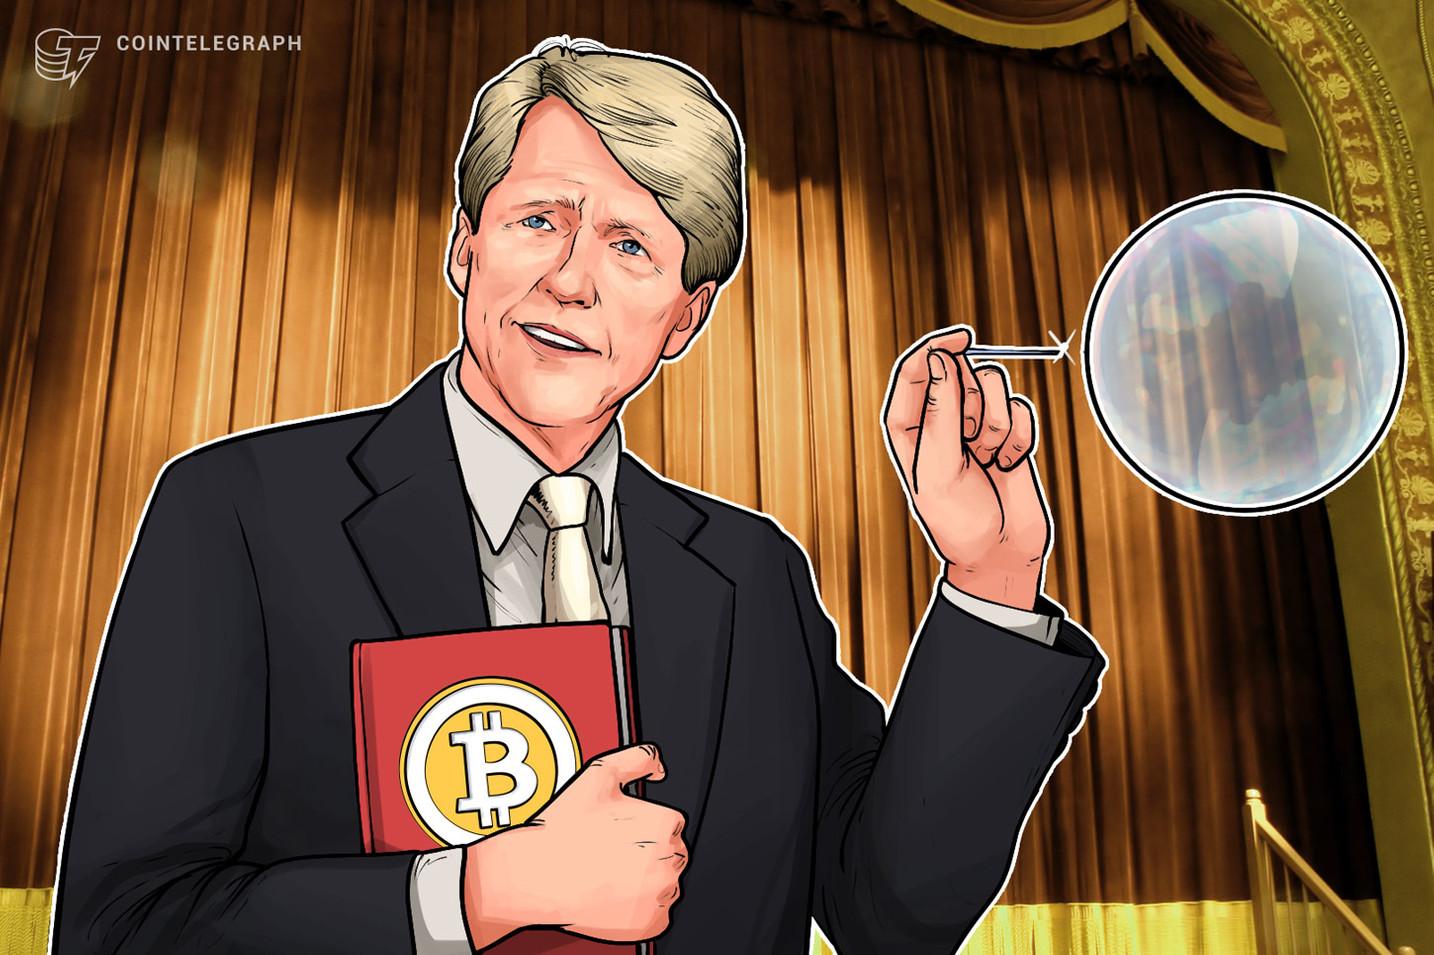 ノーベル経済学賞のシラー教授「ビットコインはバブルだが…」